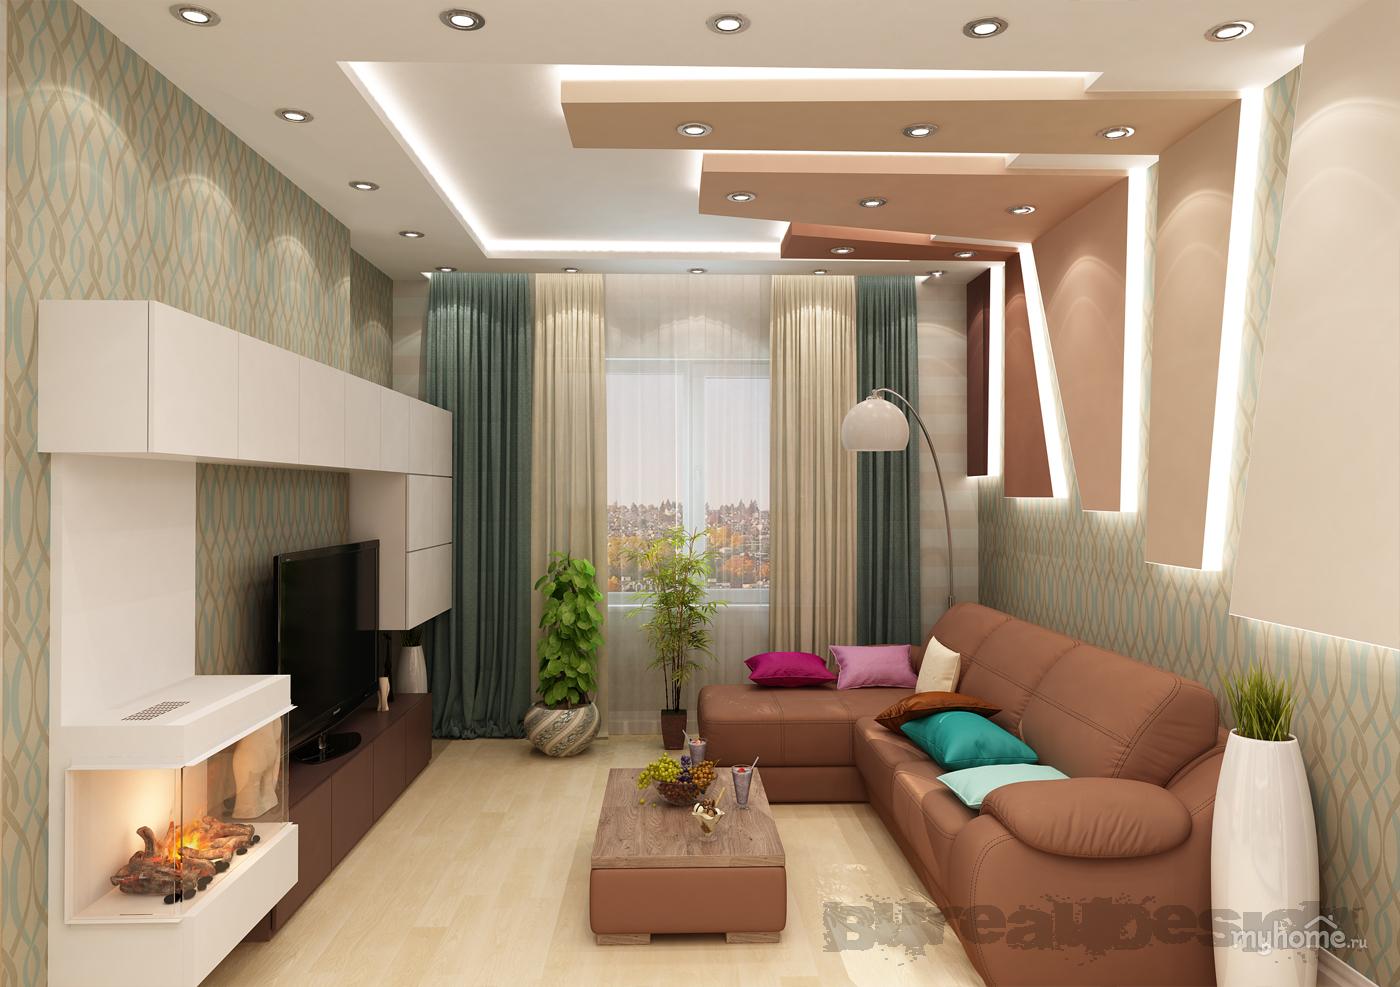 Дизайн интерьеров гостиной совмещенных